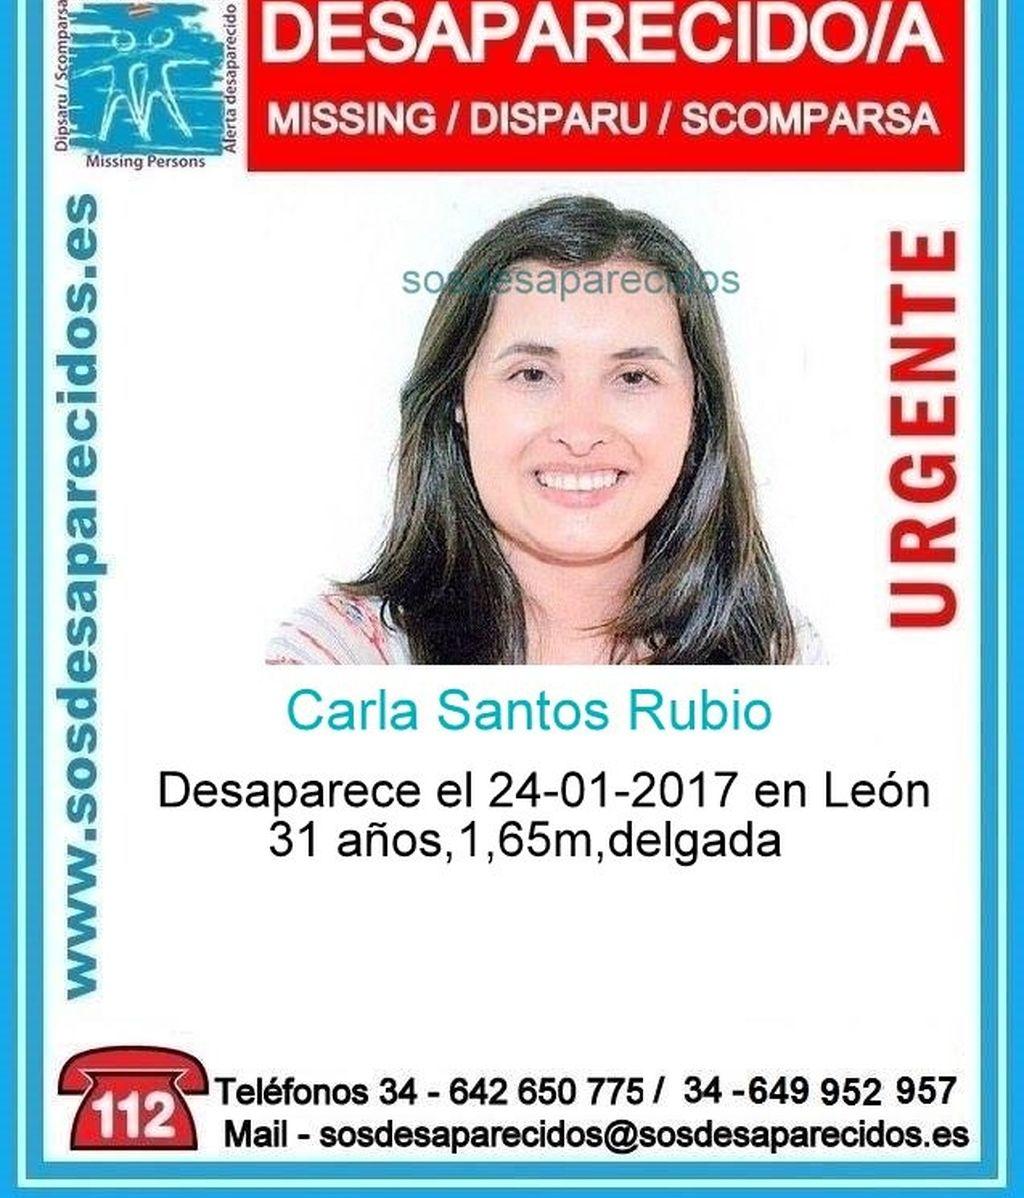 Carla Santos Rubio